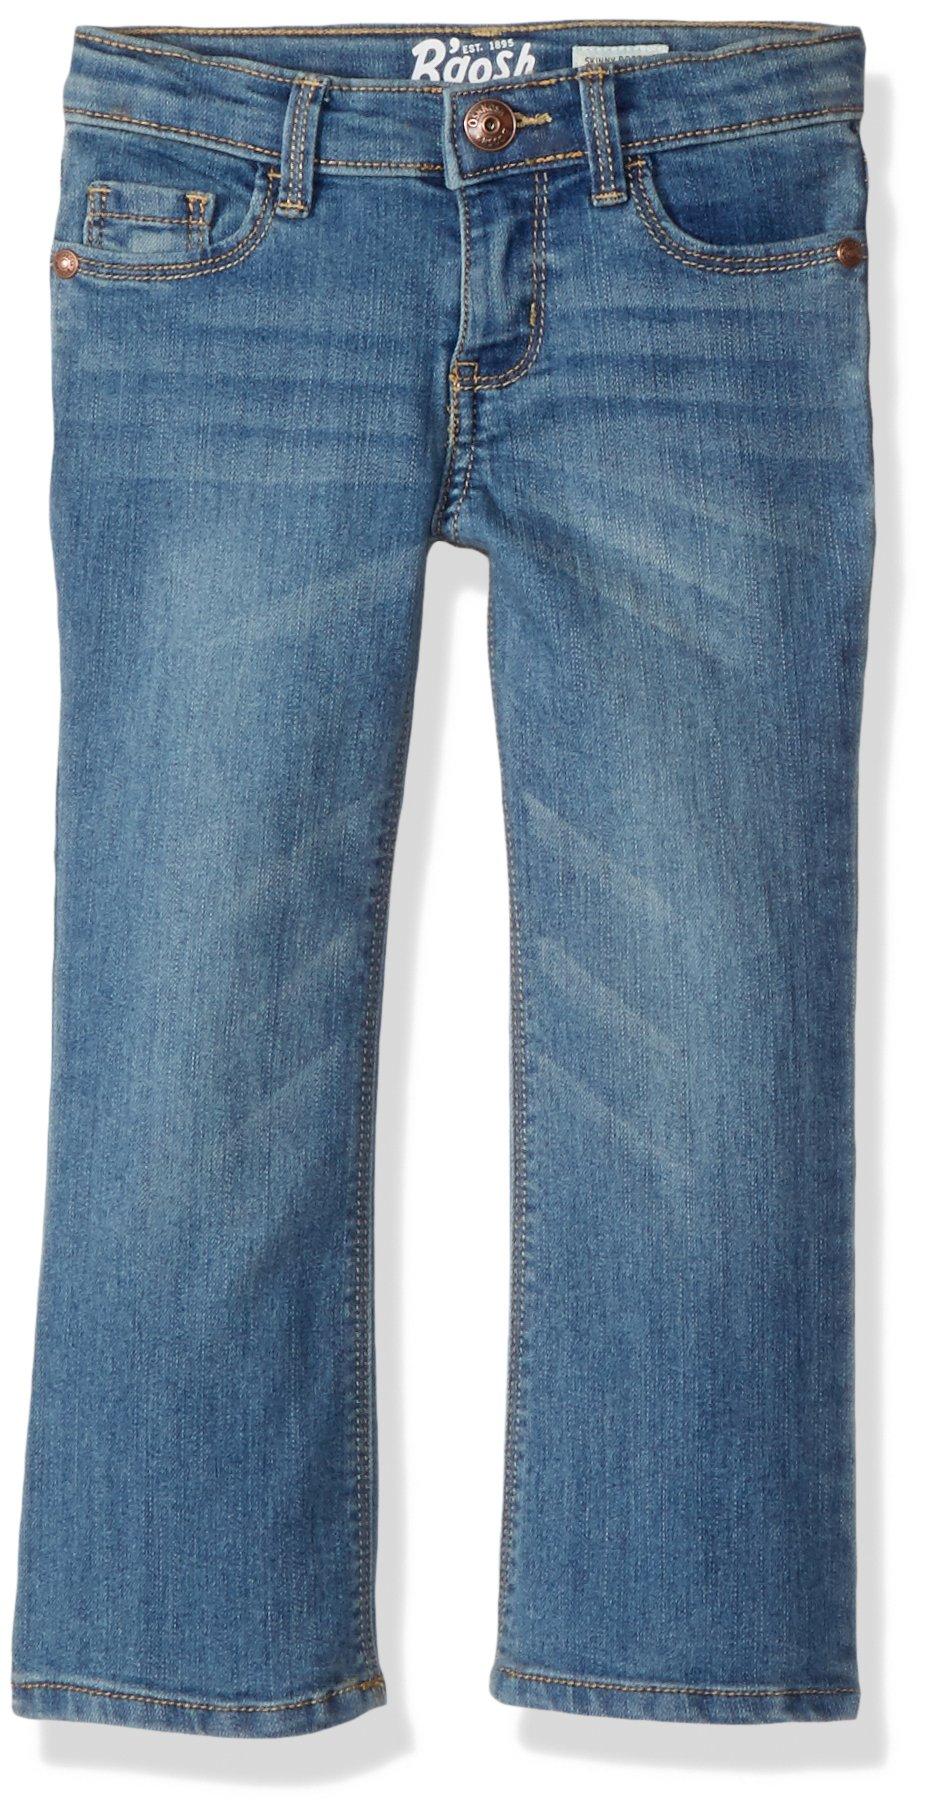 Osh Kosh Girls' Toddler Skinny Boot Denim, Brushed Blue, 4T by OshKosh B'Gosh